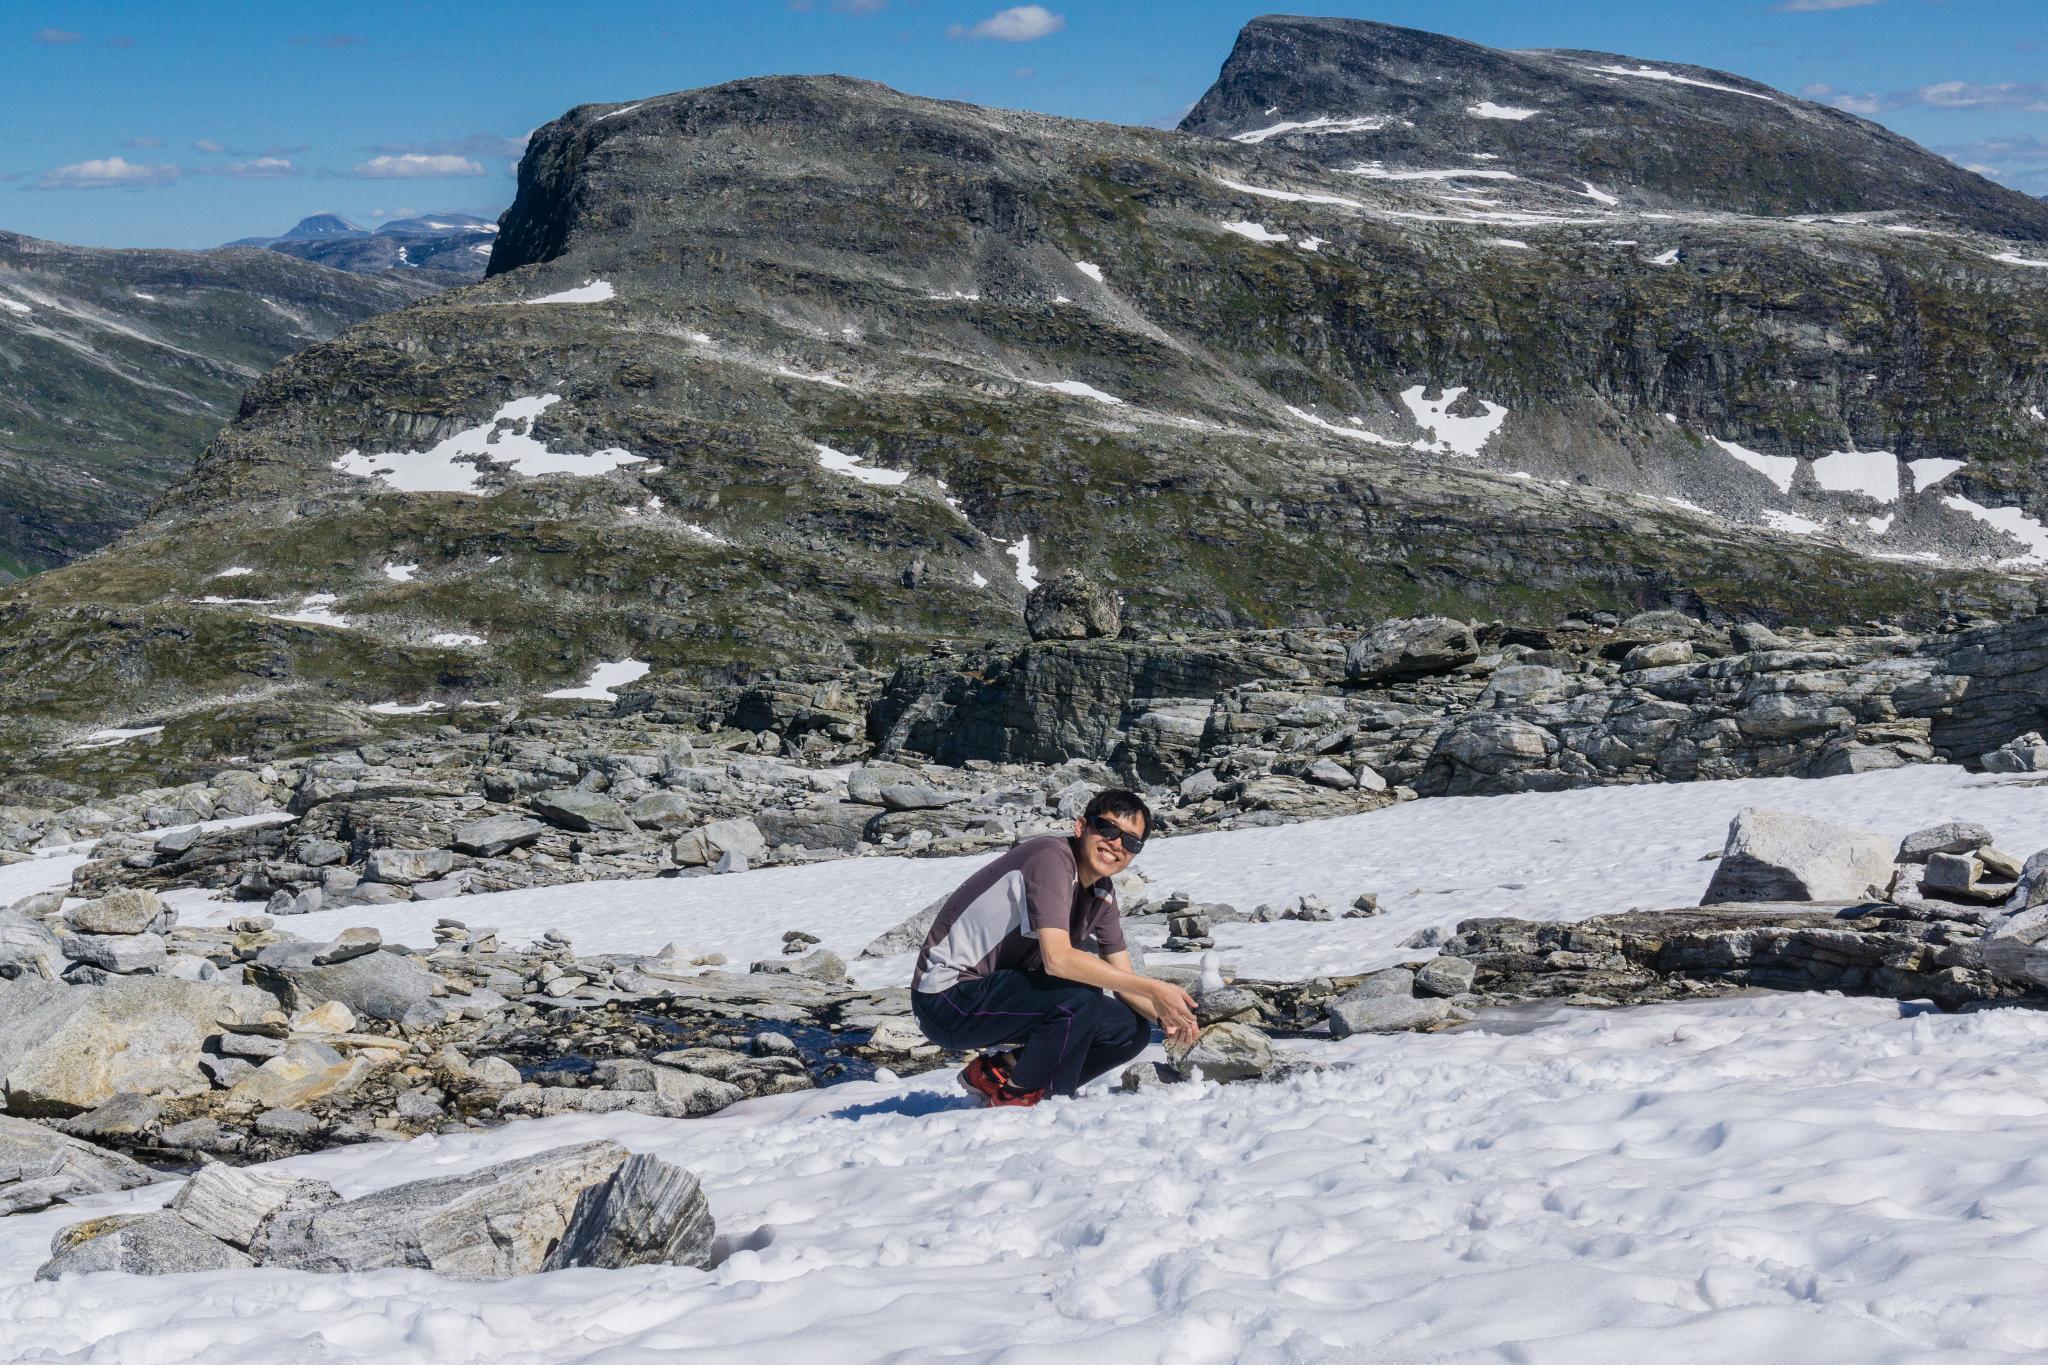 【北歐景點】歐洲最震撼的峽灣觀景台 — Dalsnibba Mountain Plateau 26